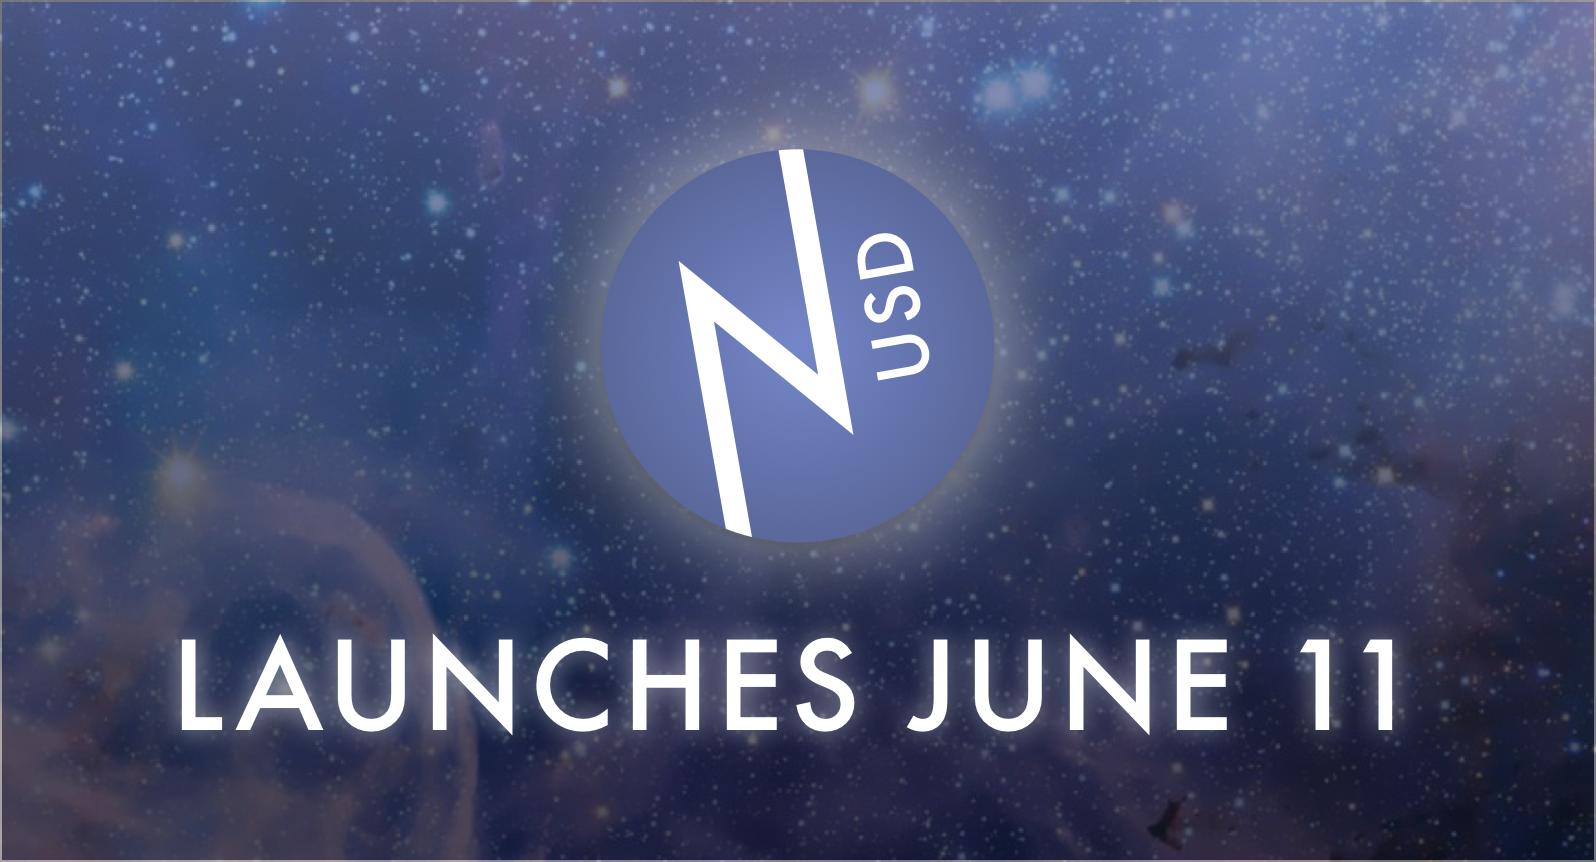 nUSD launches June 11!